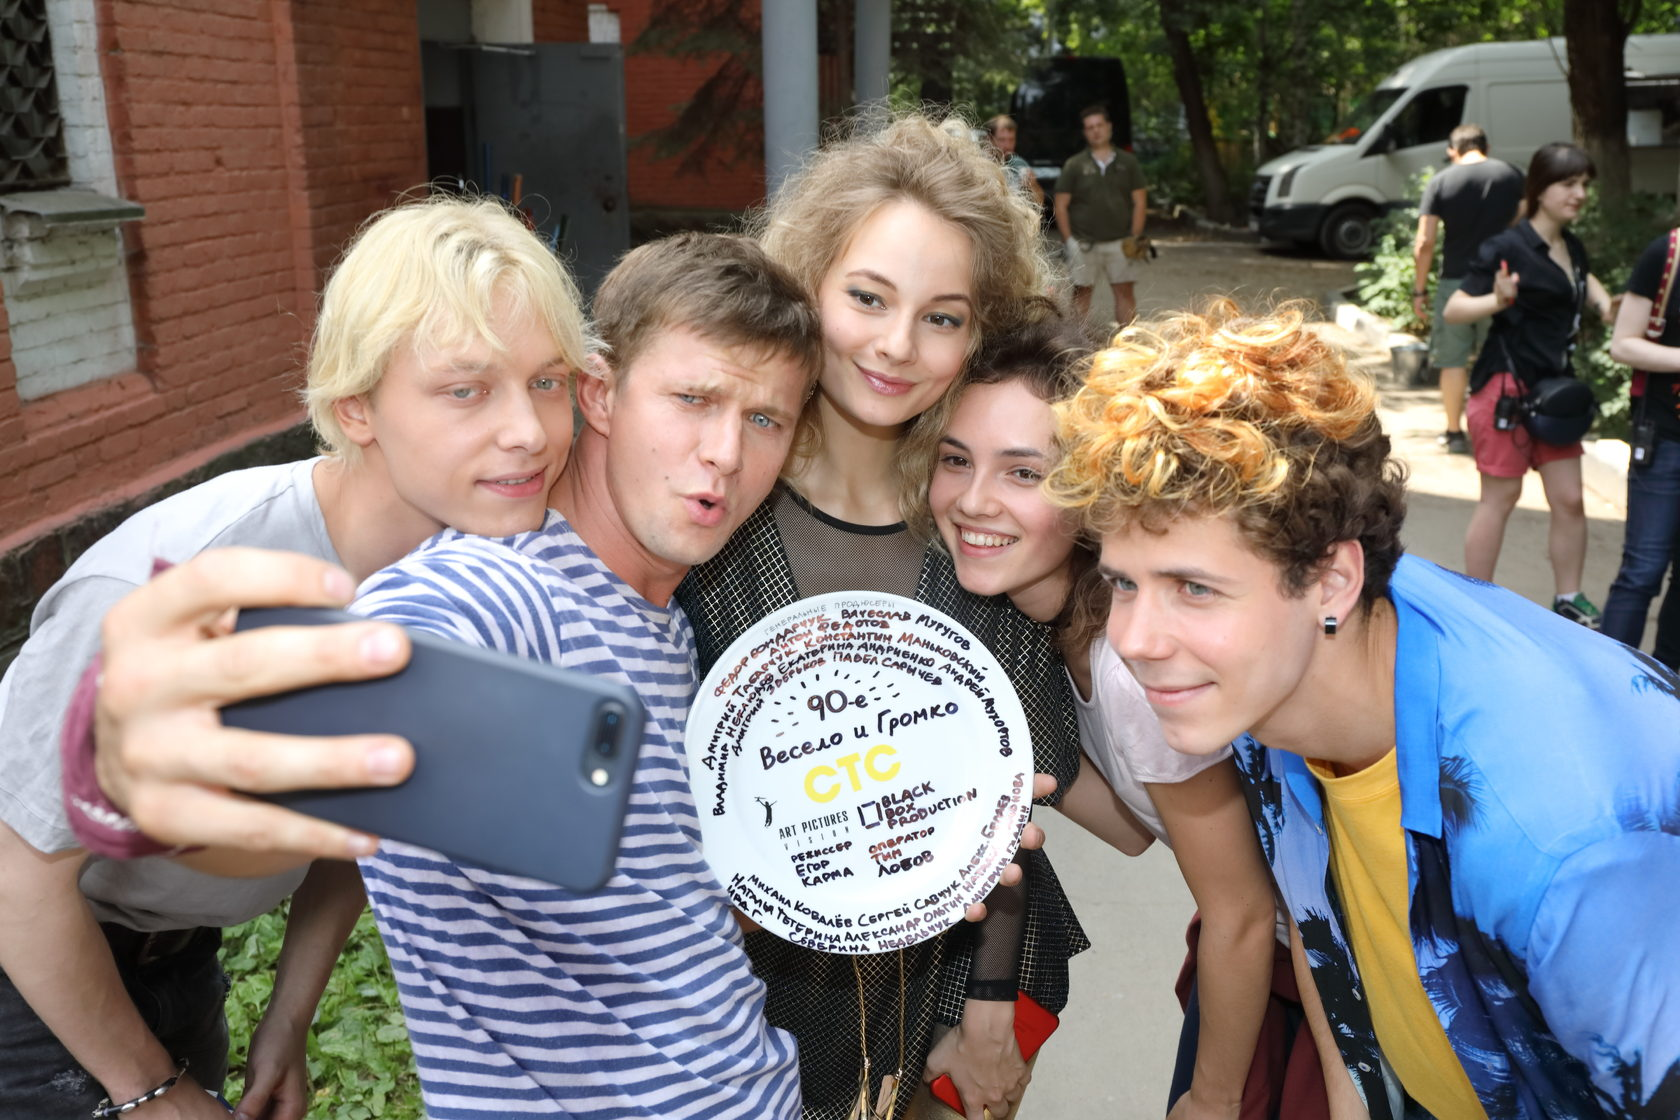 Телесериал «90-е. Весело и громко» получил главный приз кинофестиваля в Иванове